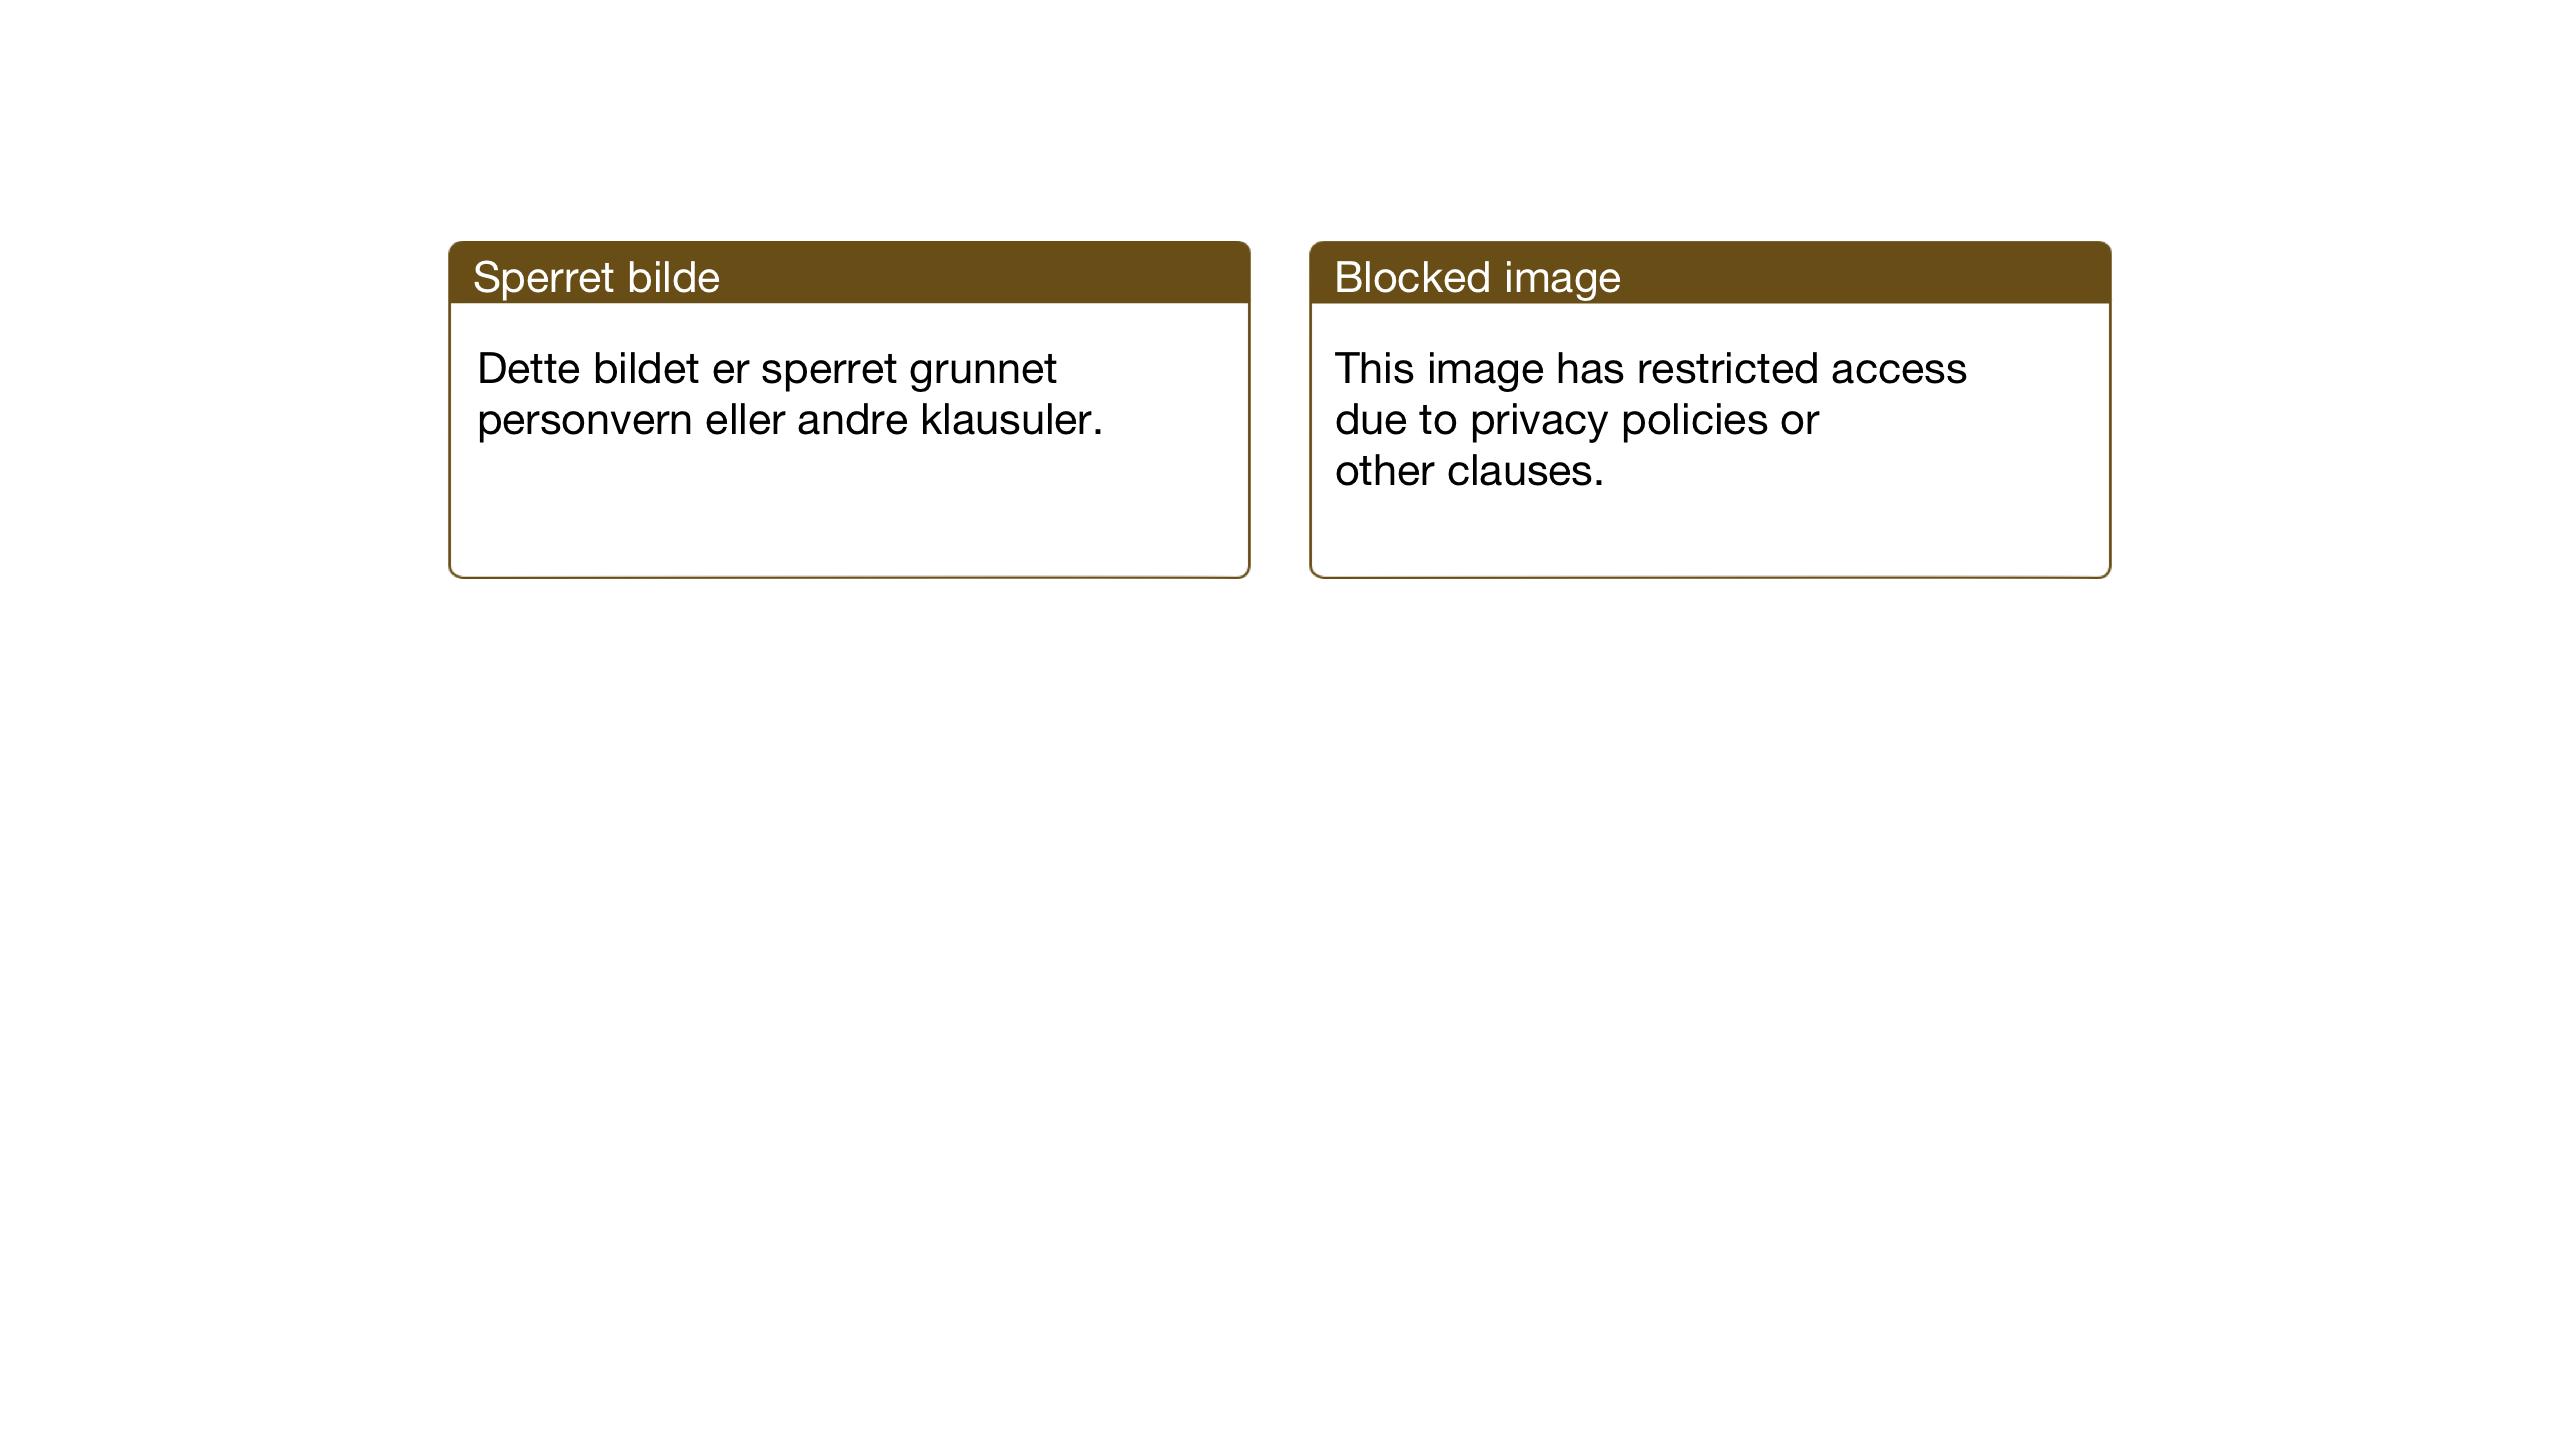 SAT, Ministerialprotokoller, klokkerbøker og fødselsregistre - Nord-Trøndelag, 773/L0625: Klokkerbok nr. 773C01, 1910-1952, s. 160